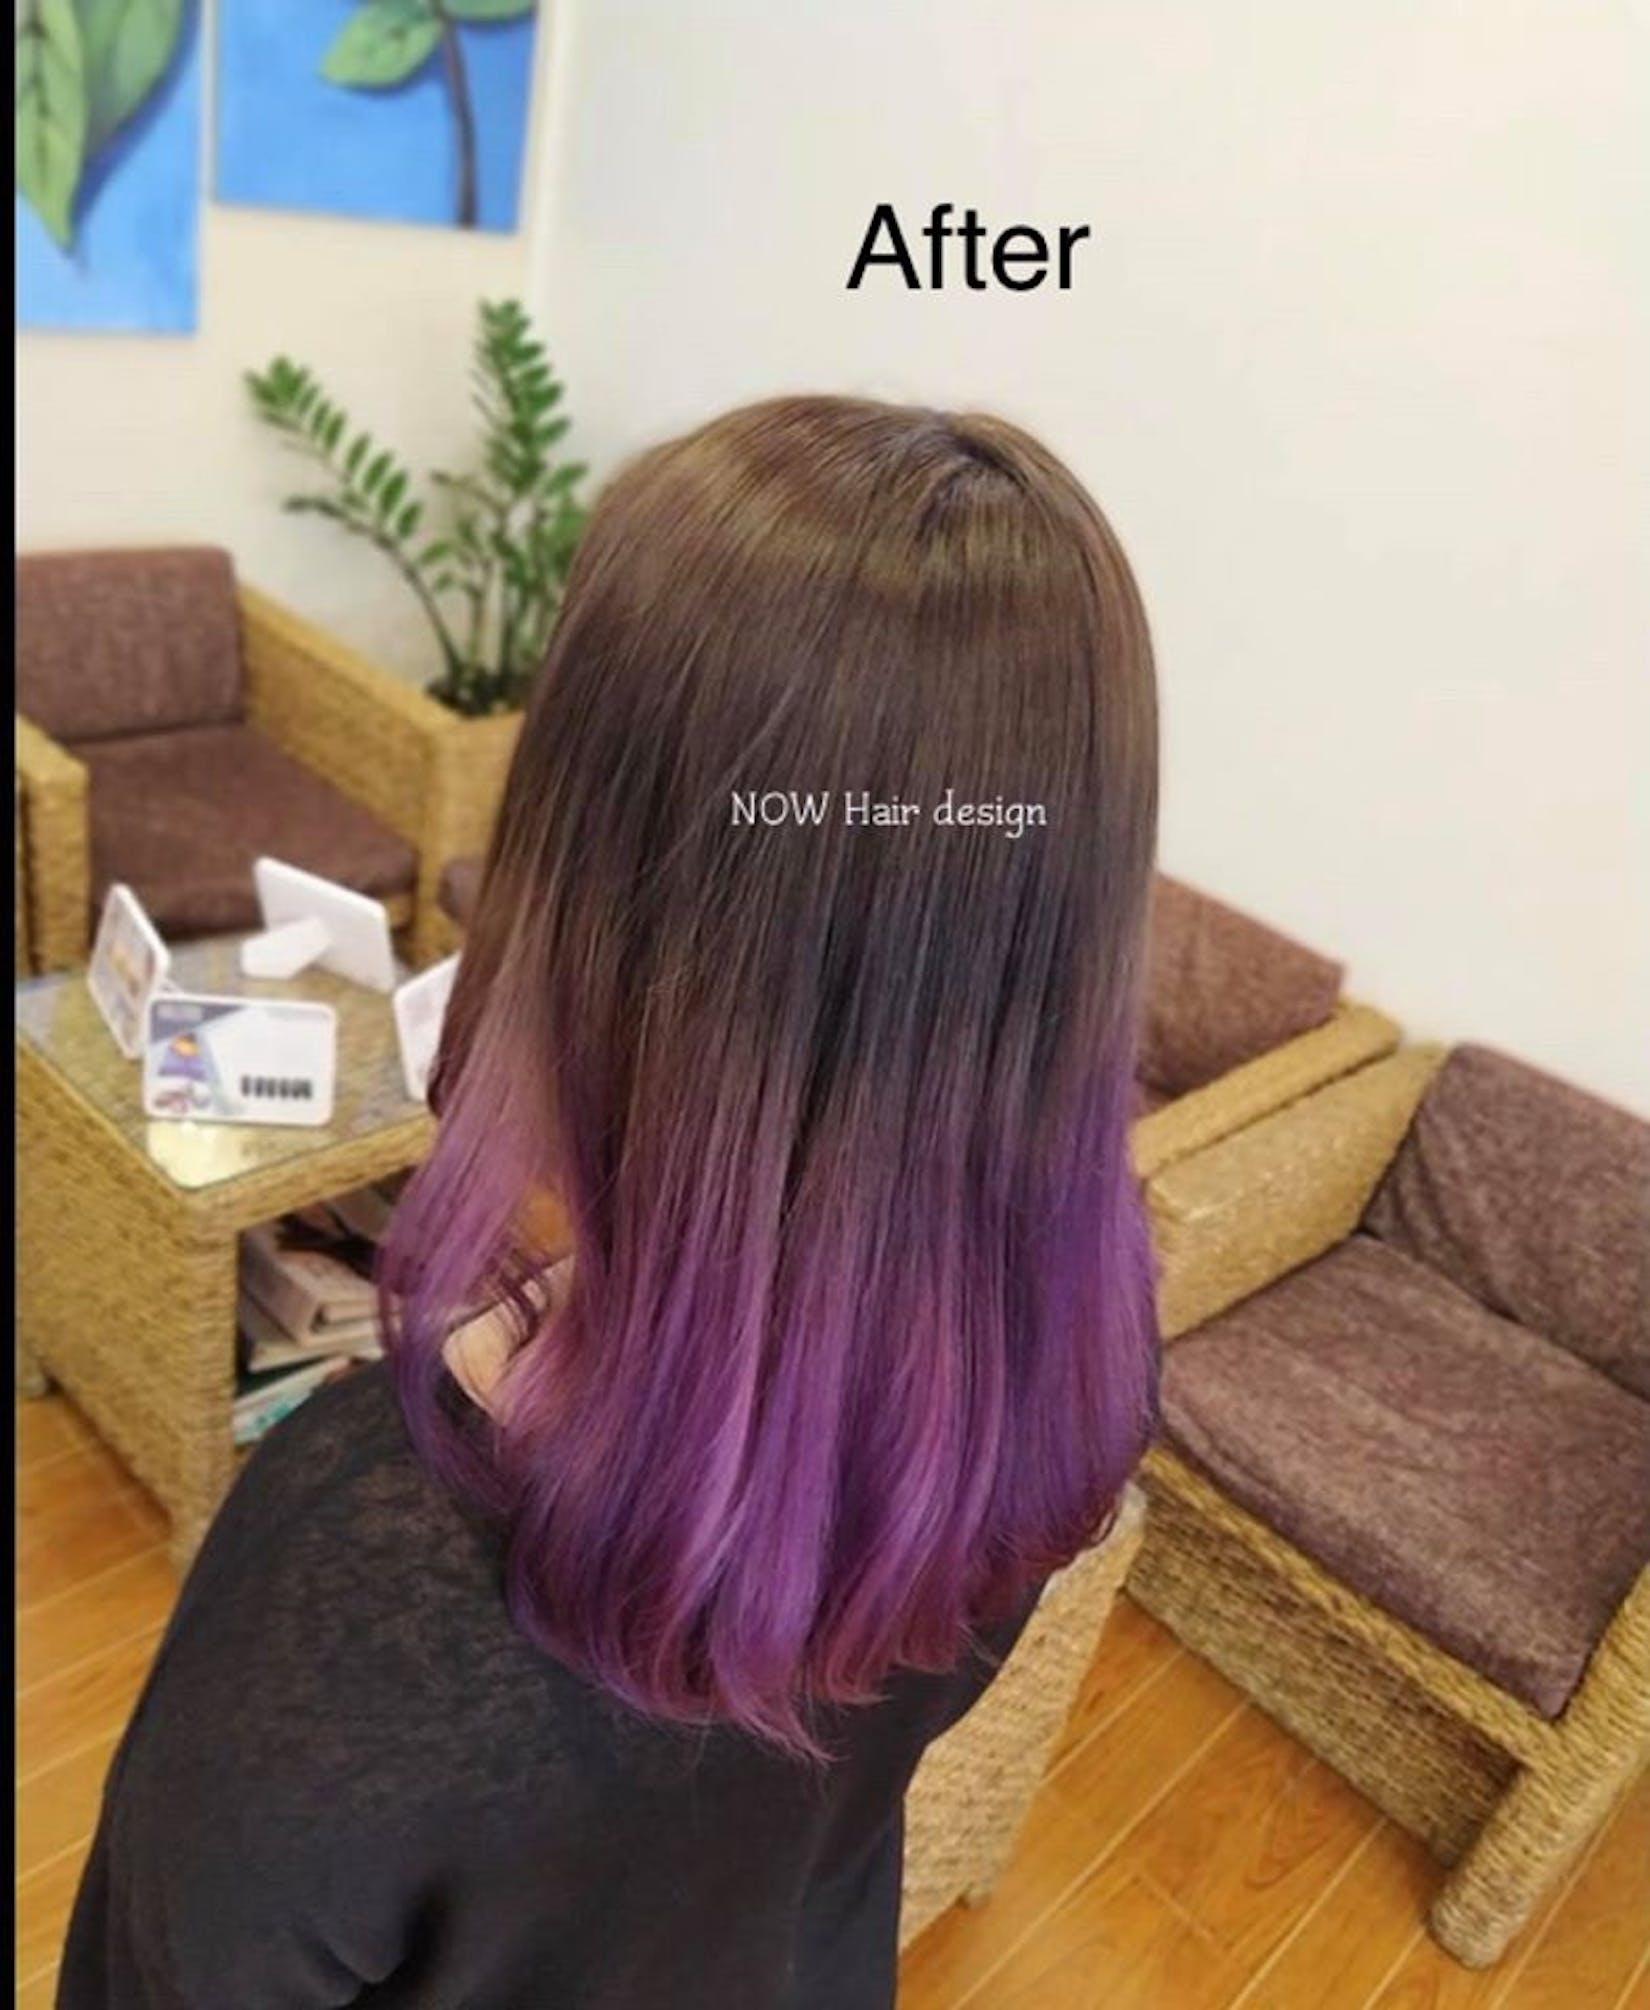 Now Hair design - Salon | Beauty